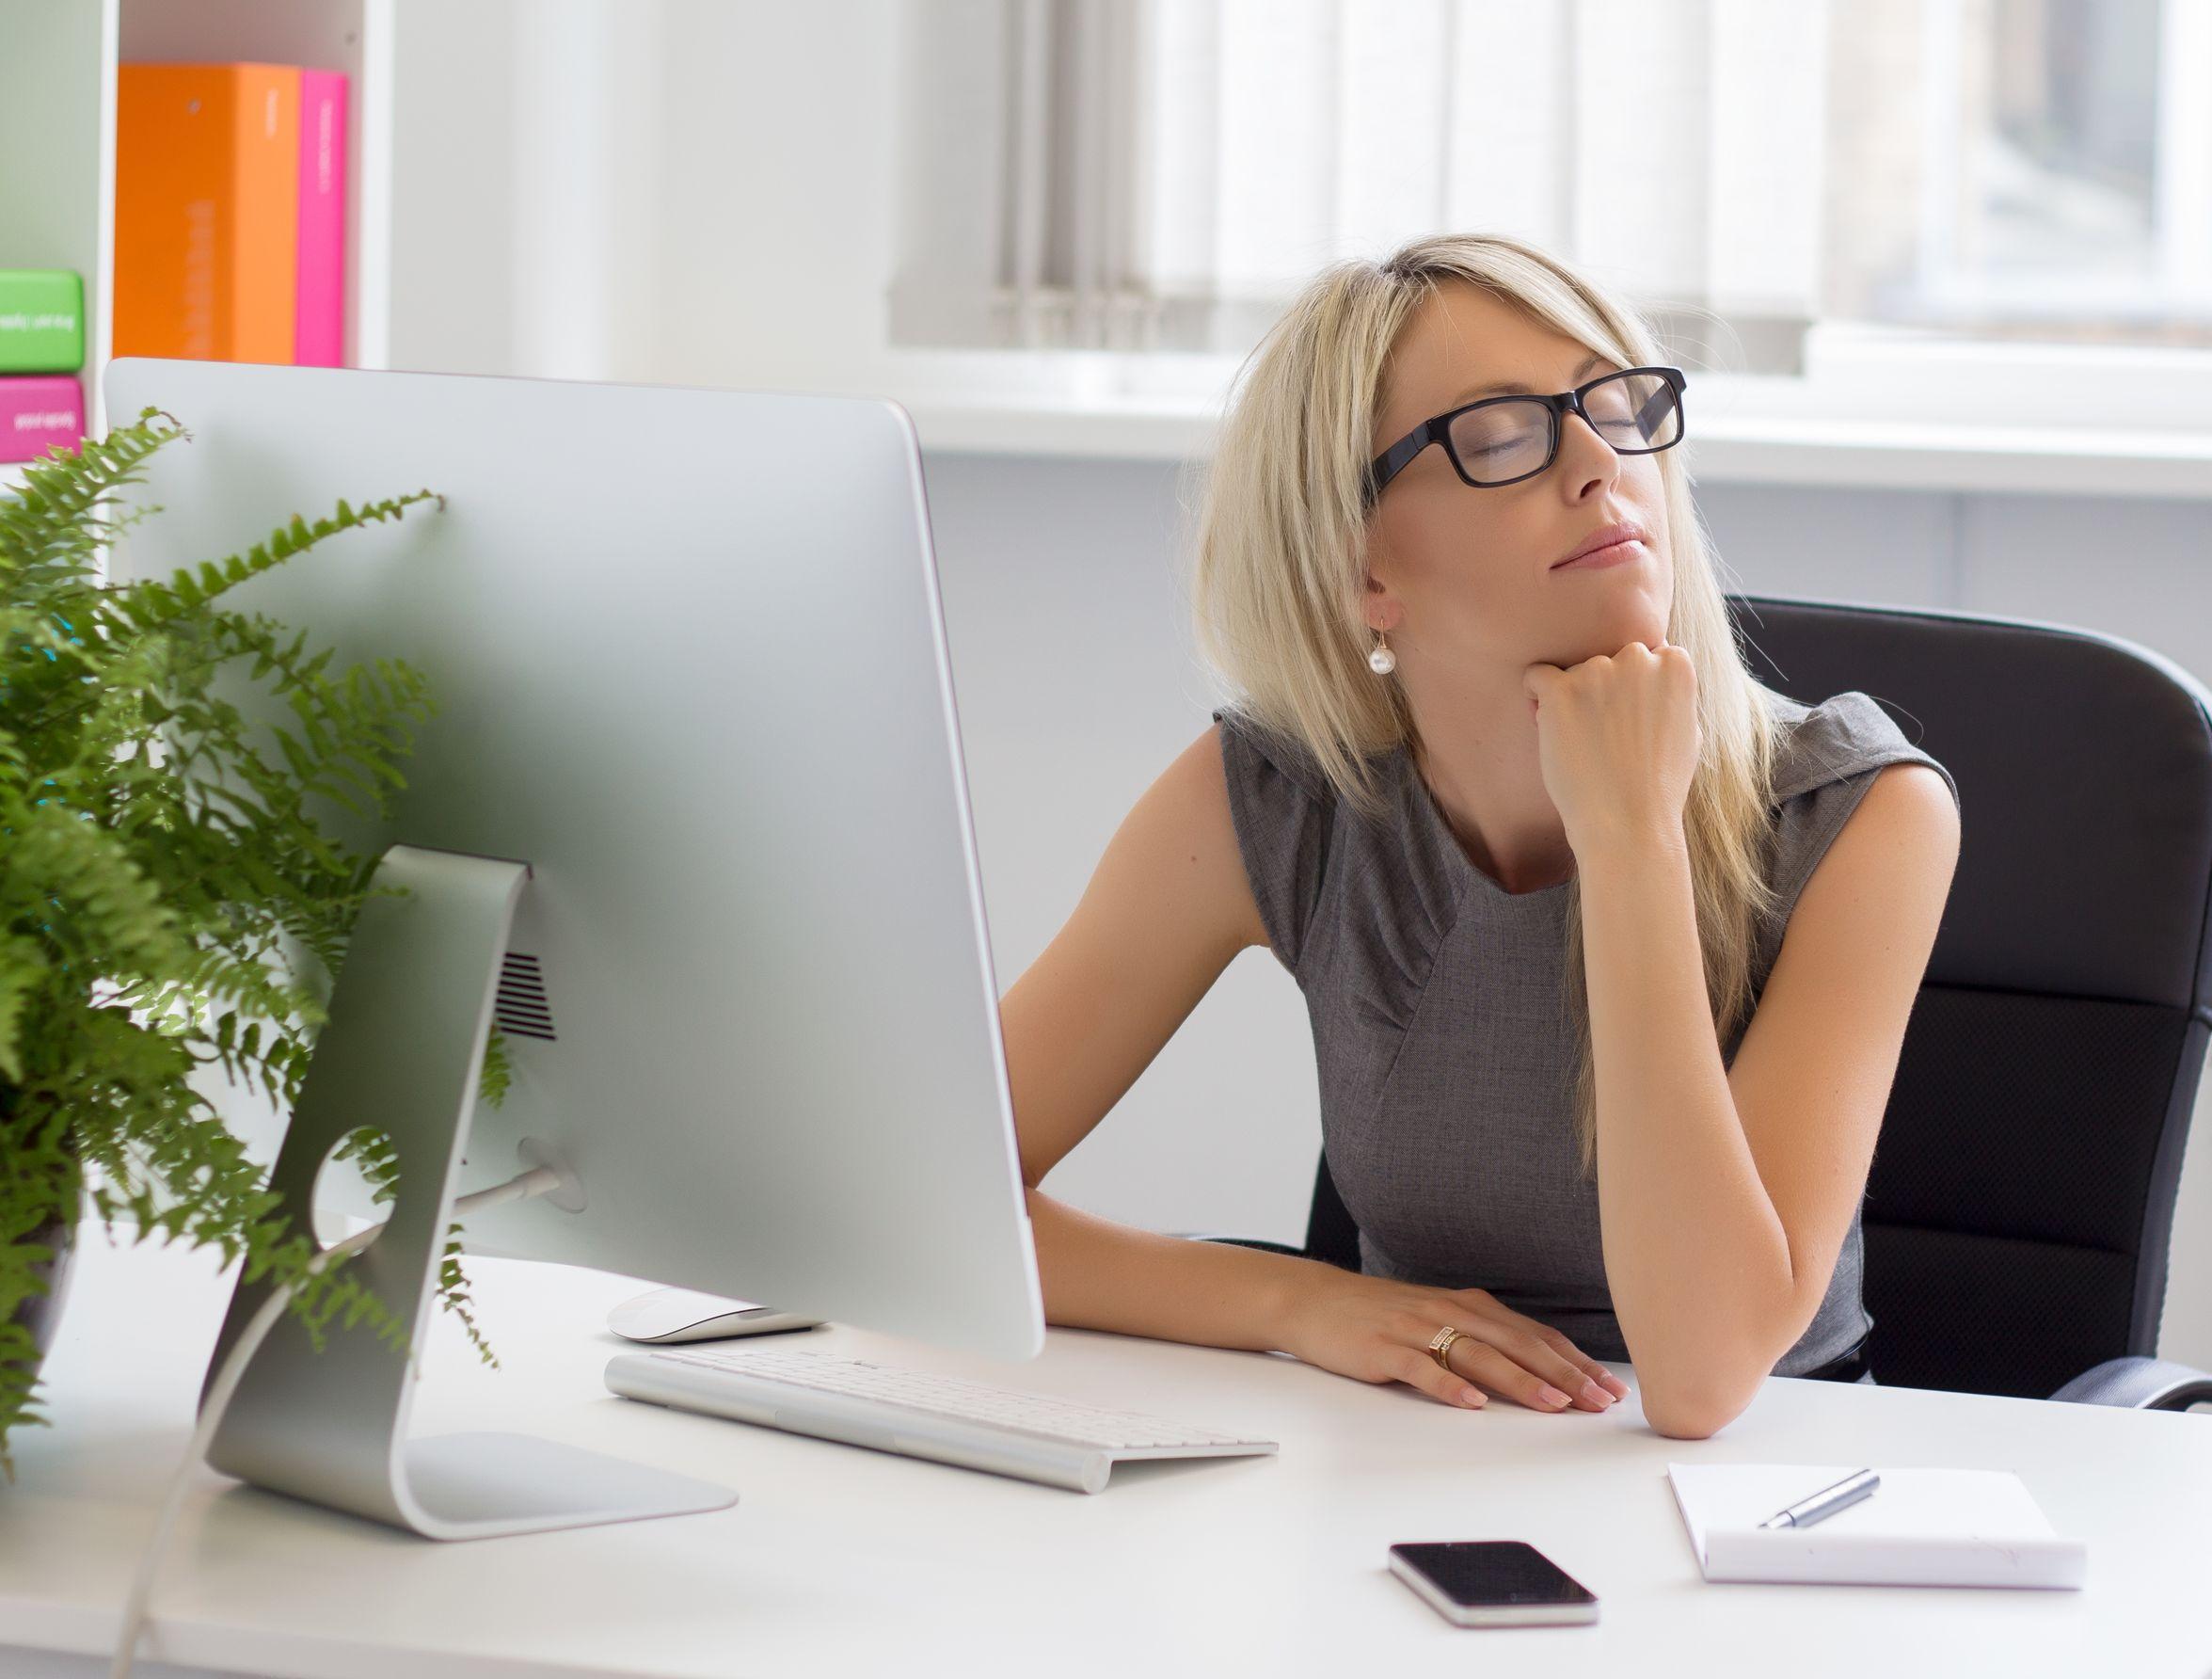 Mulher pensando em sua vida profissional, se terá sucesso. Loira e usa óculos.